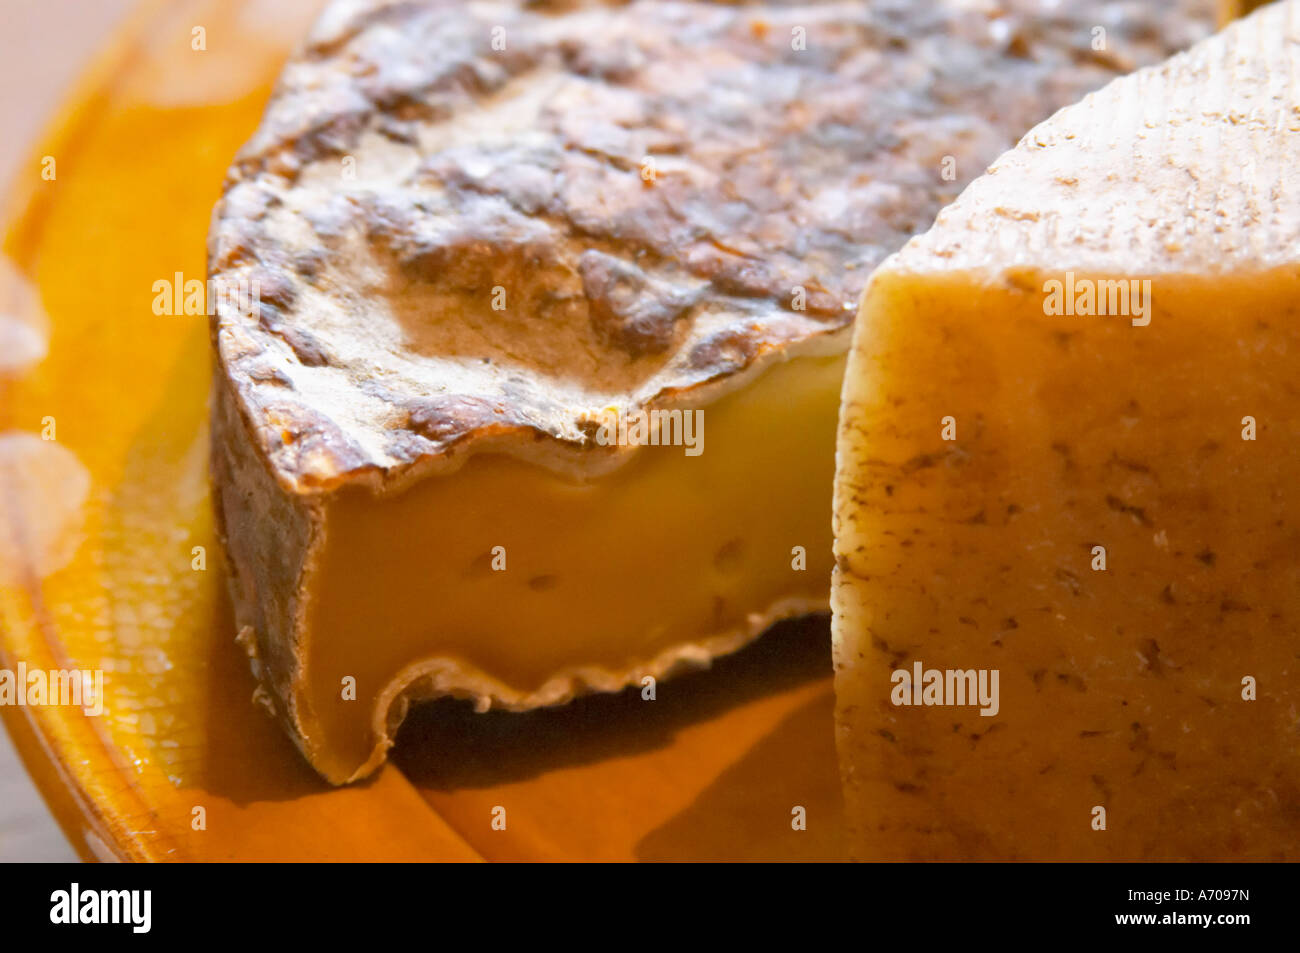 Ancien St Nectaire fromage. Domaine Piccinini dans La Liviniere Minervois. Languedoc. La France. L'Europe. Banque D'Images